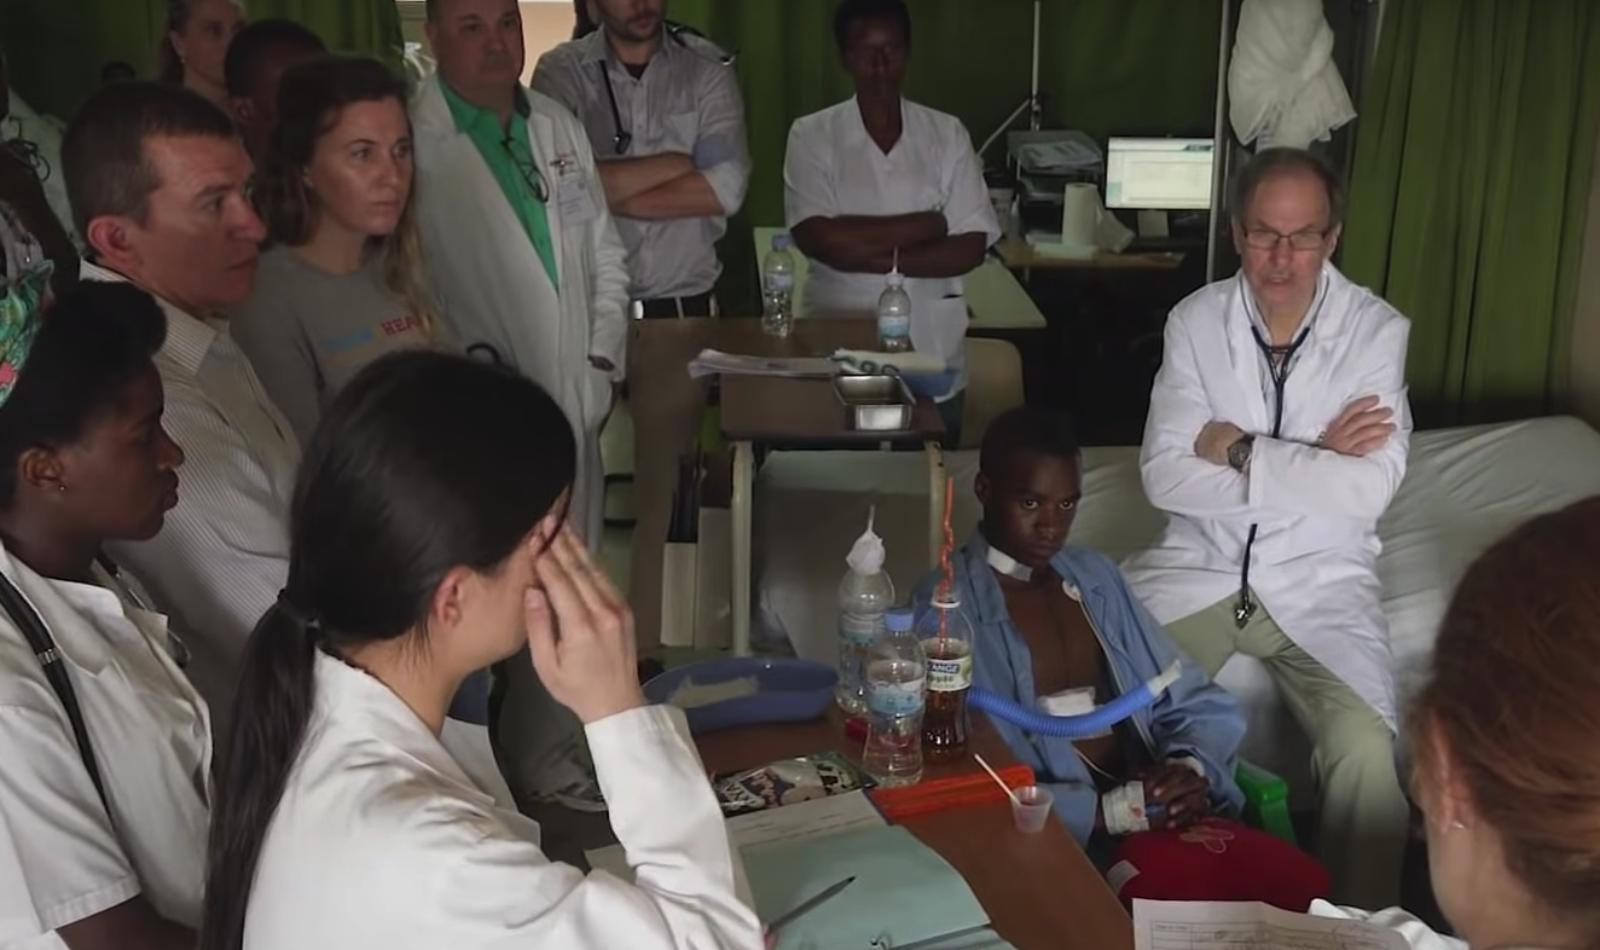 doctors gather around patient